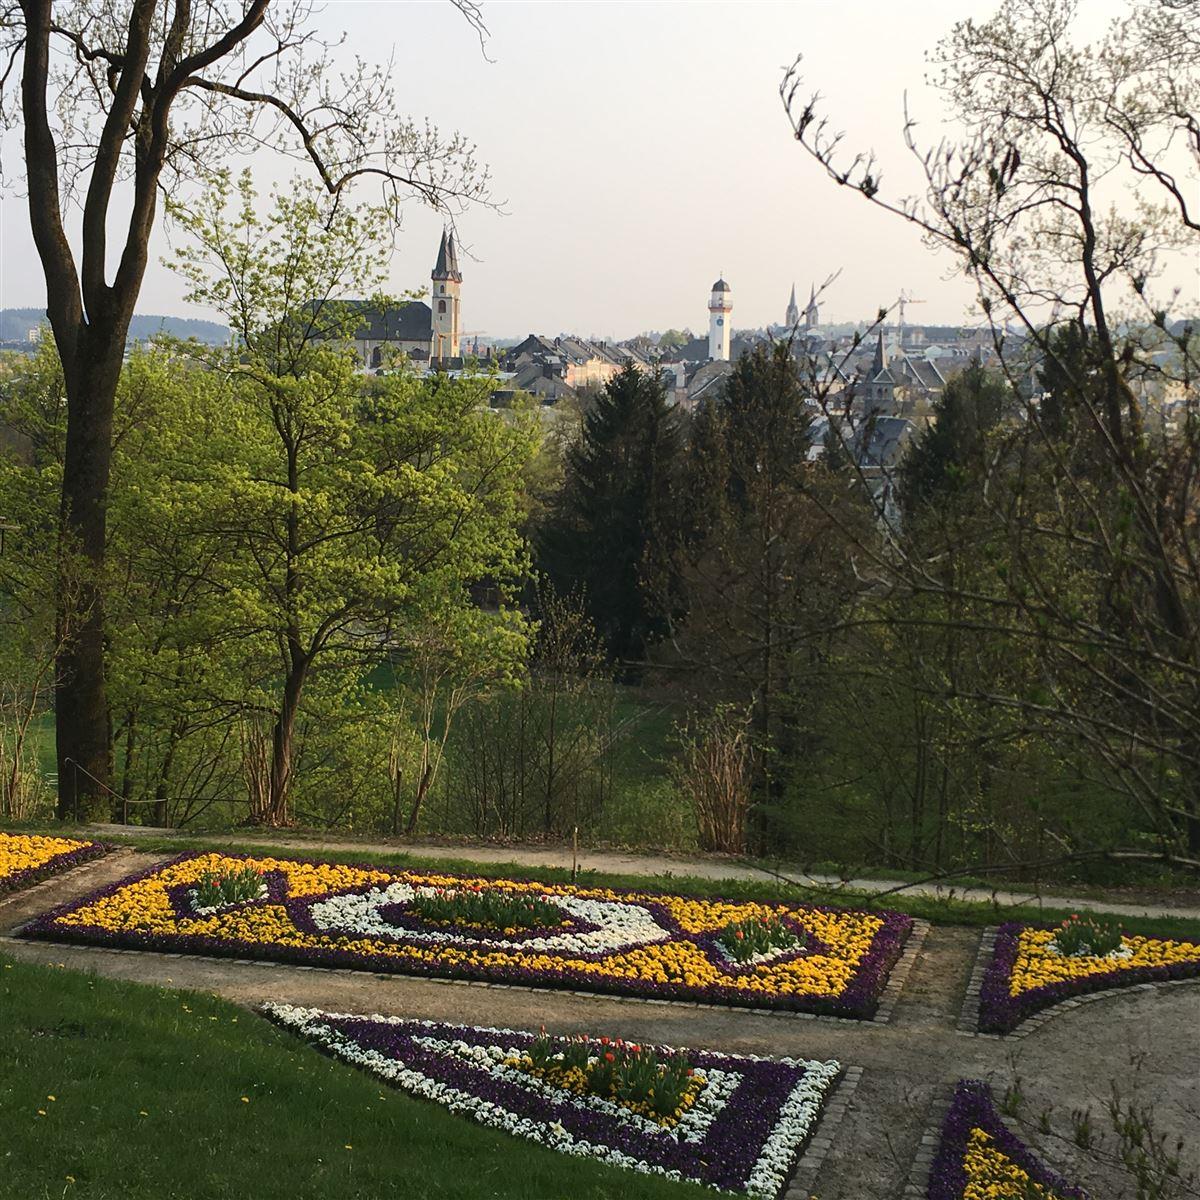 Ausflug zum Theresienstein in Hof